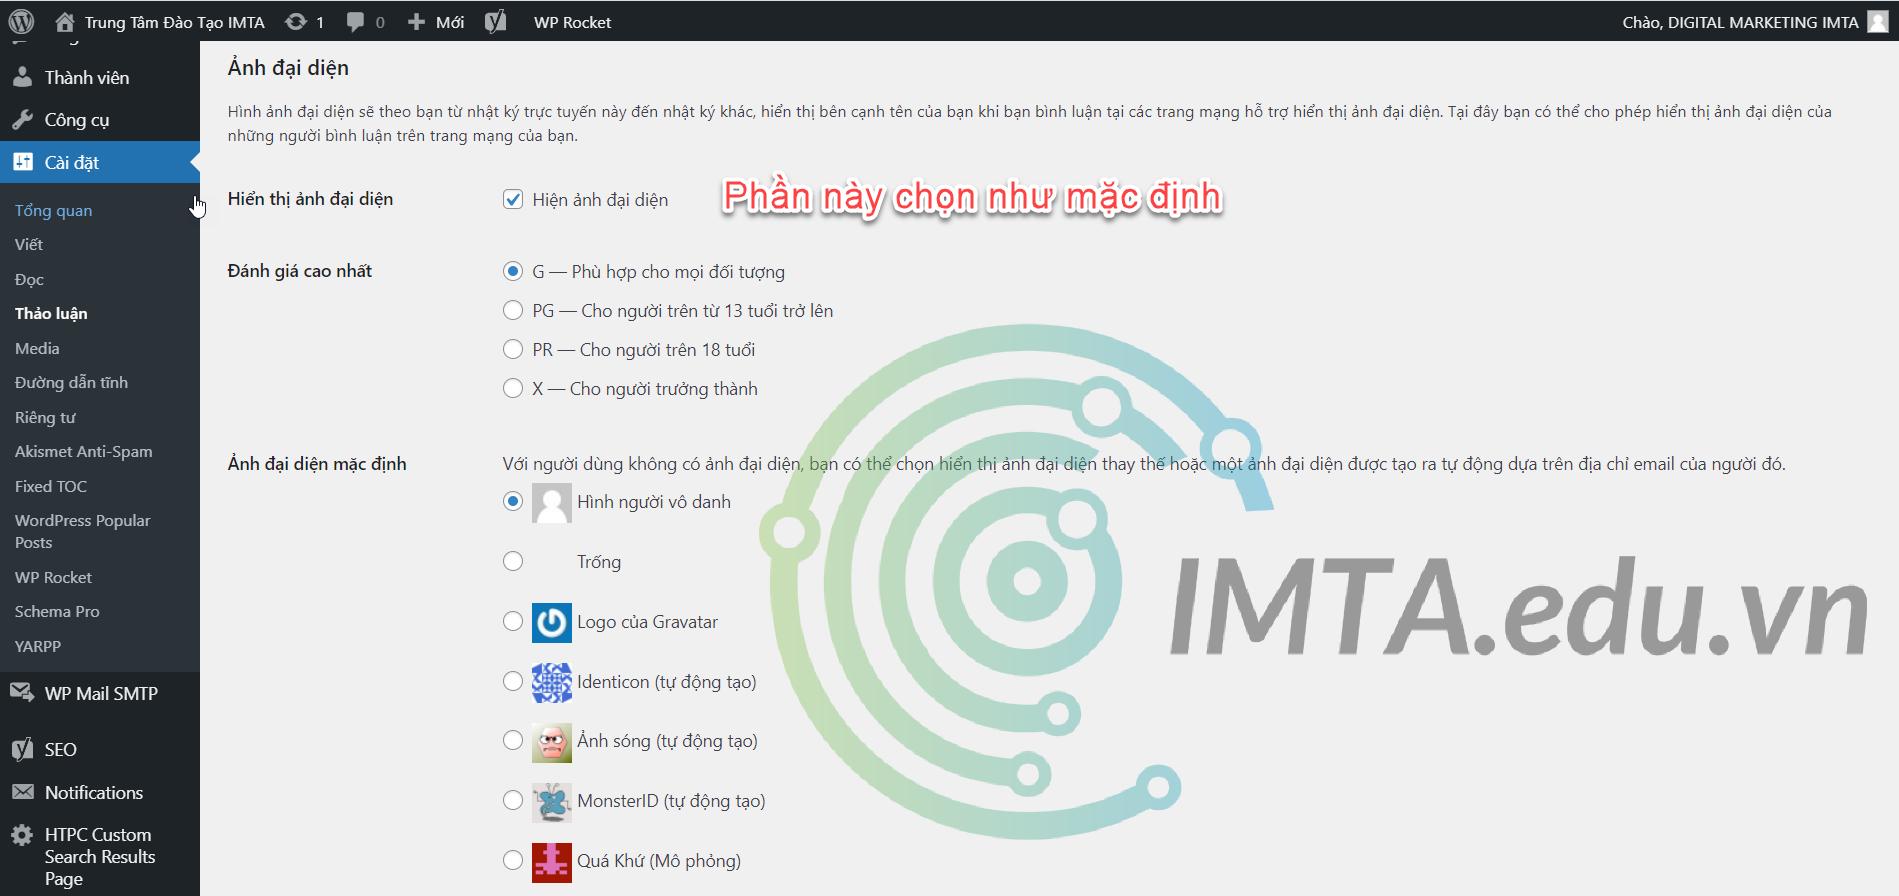 Cấu hình cài đặt Avatar cho WordPress